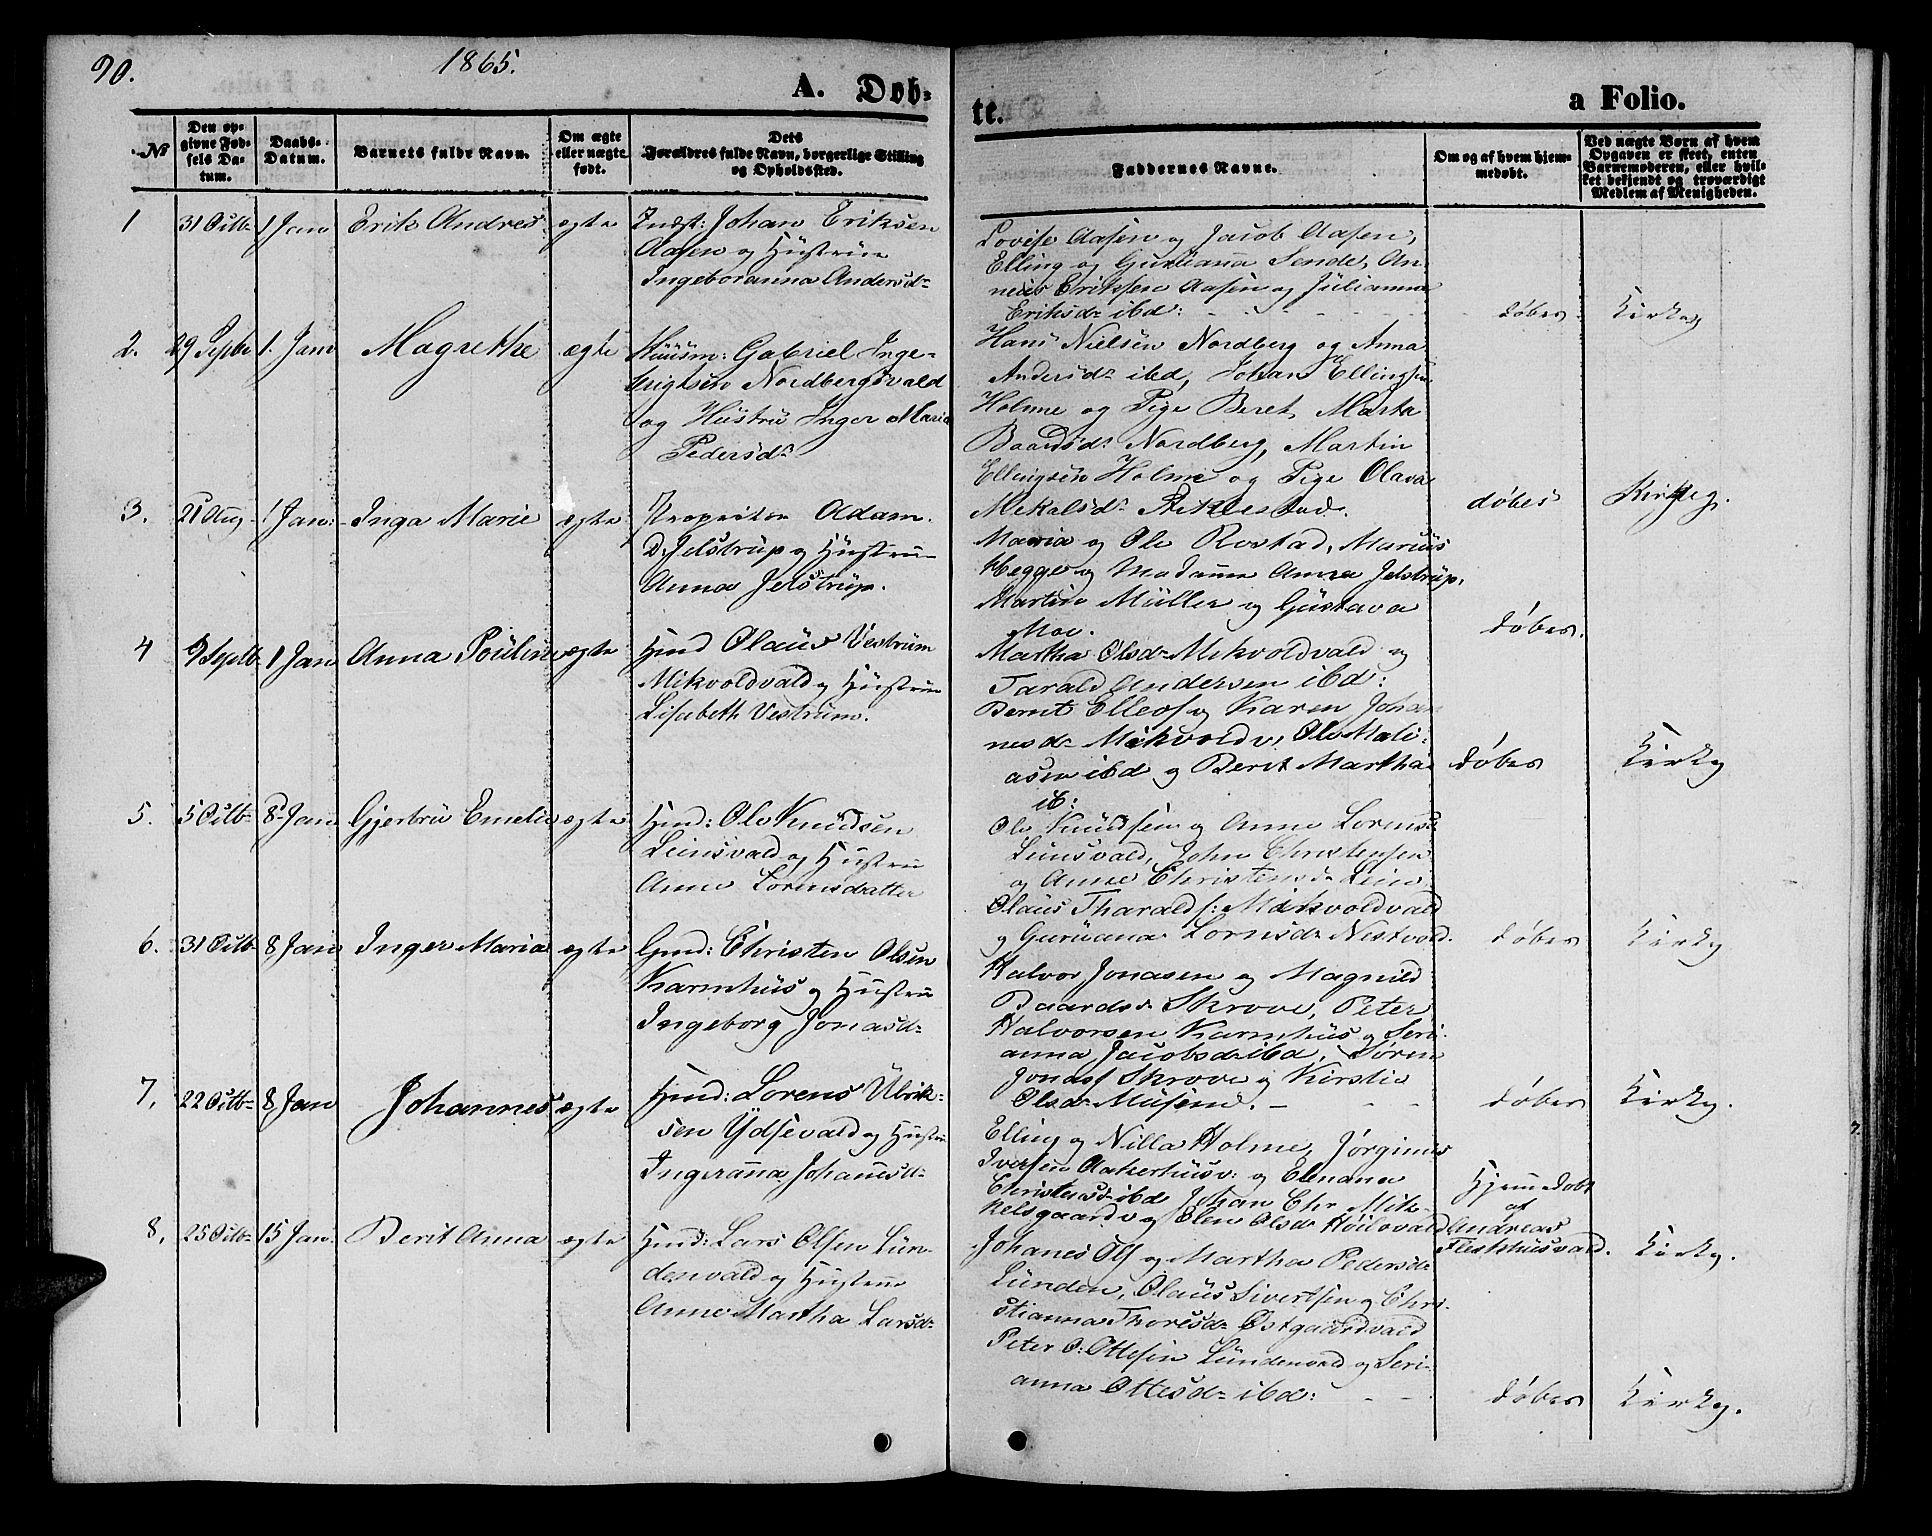 SAT, Ministerialprotokoller, klokkerbøker og fødselsregistre - Nord-Trøndelag, 723/L0254: Klokkerbok nr. 723C02, 1858-1868, s. 90